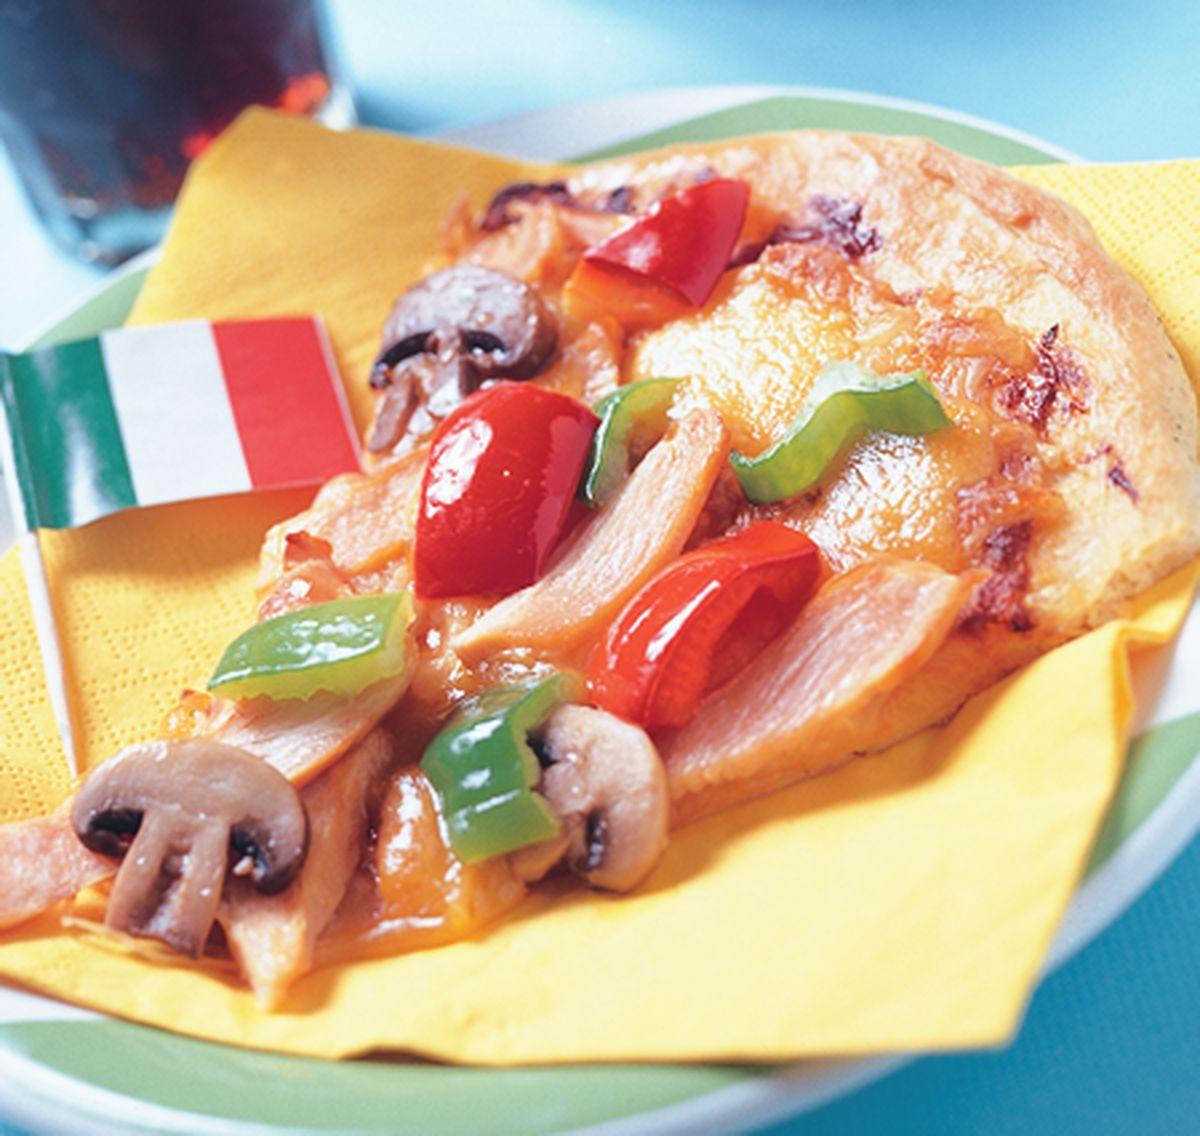 食譜:燻雞肉蘑菇披薩